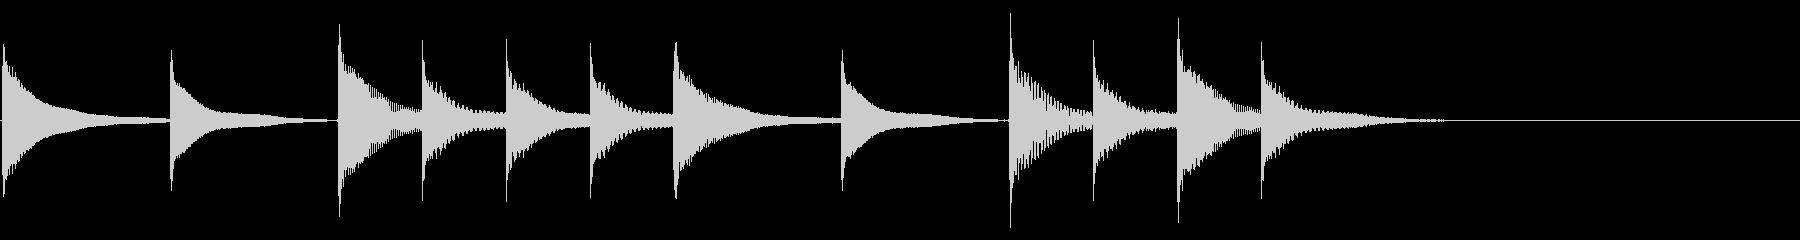 KANTアプリアイキャッチ200718の未再生の波形